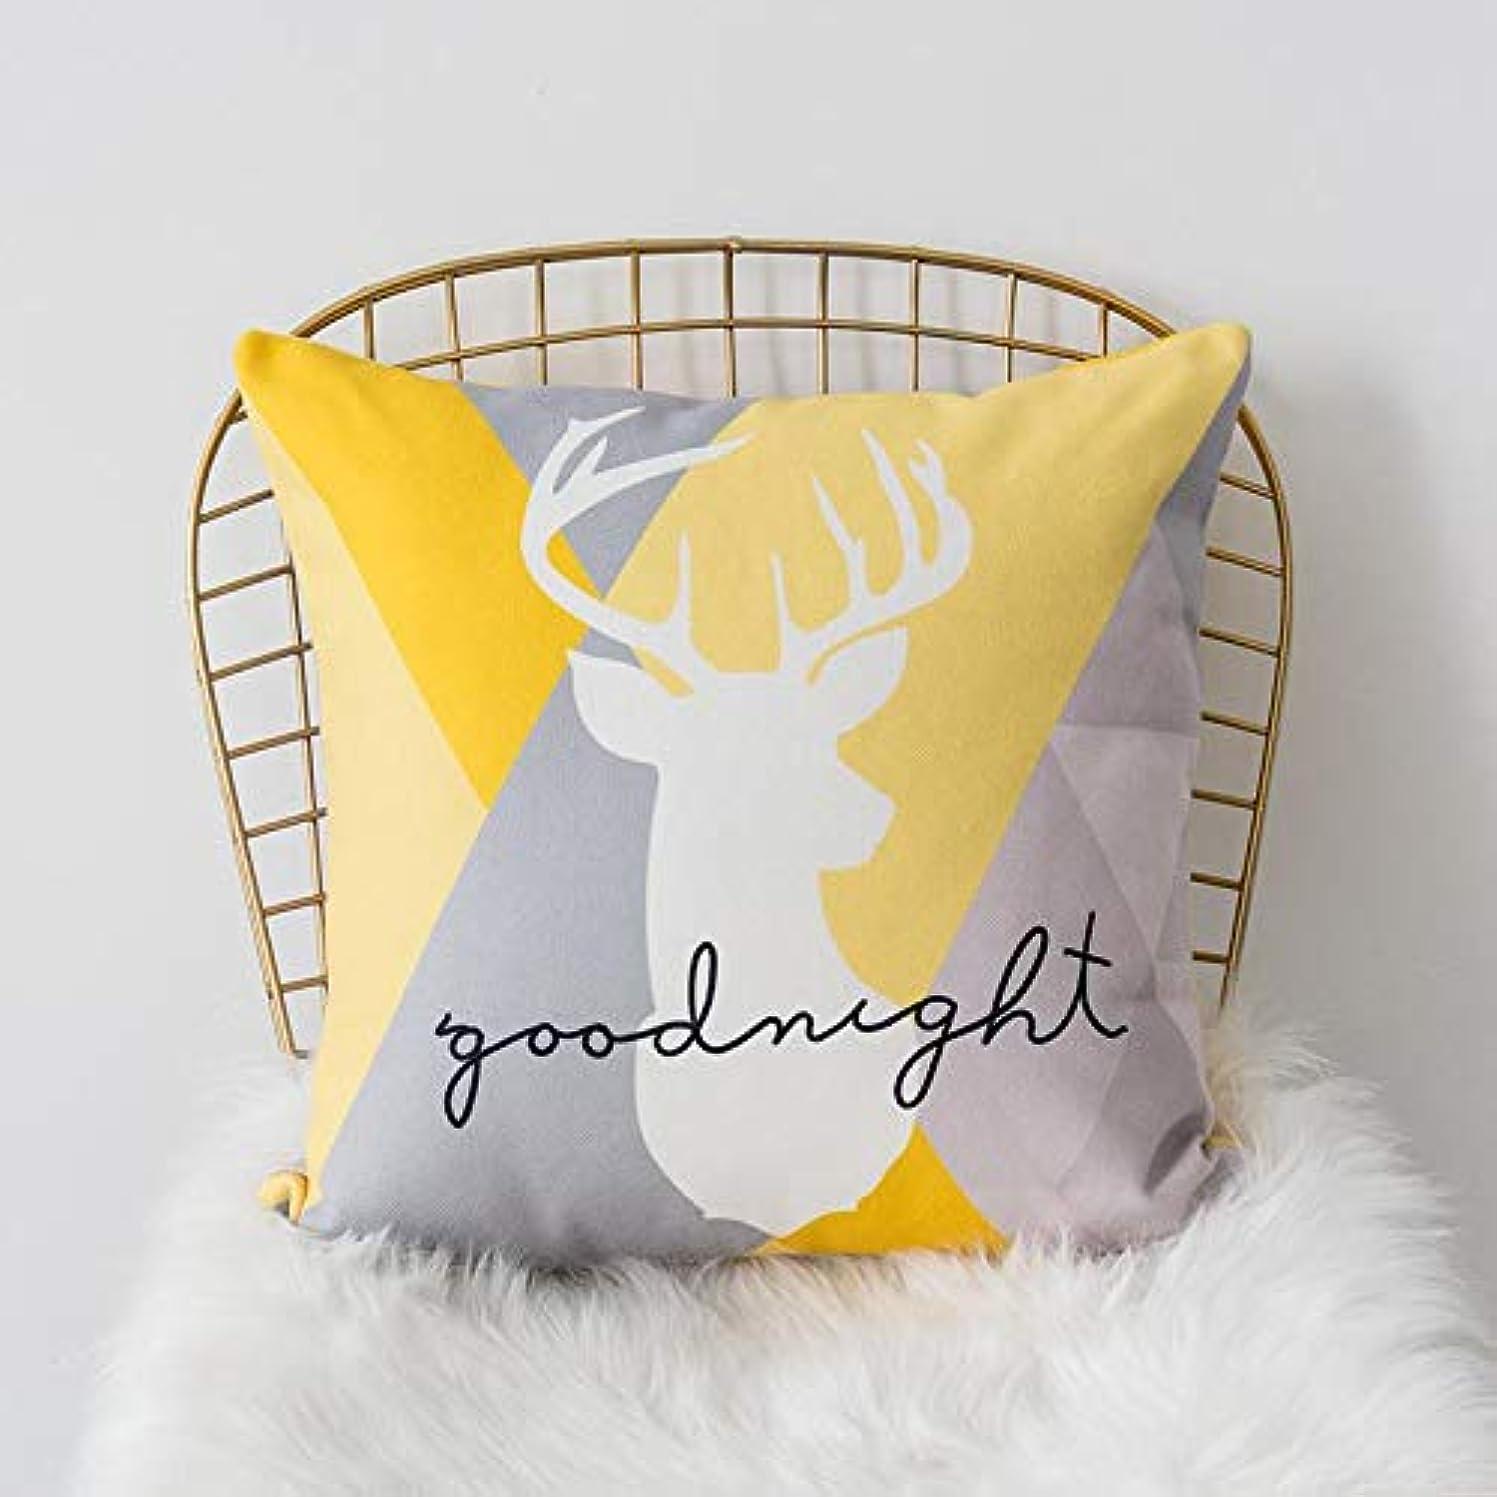 擬人見捨てるピンポイントSMART 黄色グレー枕北欧スタイル黄色ヘラジカ幾何枕リビングルームのインテリアソファクッション Cojines 装飾良質 クッション 椅子